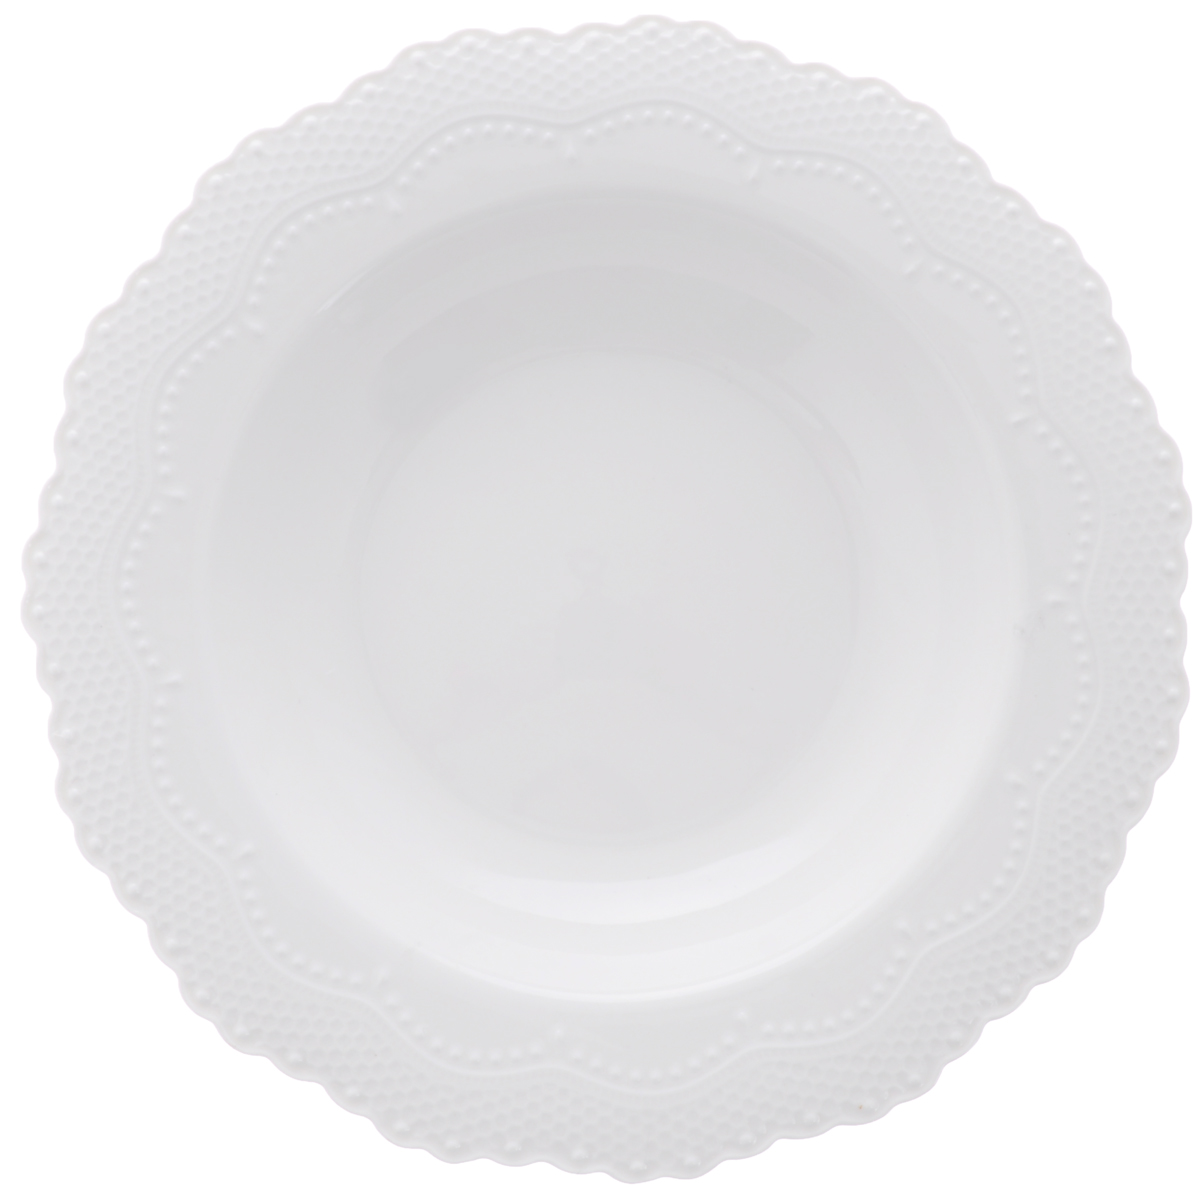 Тарелка суповая Walmer Vivien, цвет: белый, диаметр 22 смW07230022Суповая тарелка Walmer Vivien, изготовленная из высококачественного фарфора, имеет изысканный внешний вид. Яркий дизайн придется по вкусу и ценителям классики, и тем, кто предпочитает утонченность. Тарелка Walmer Vivien идеально подойдет для сервировки стола и станет отличным подарком к любому празднику.Можно мыть в посудомоечной машине. Диаметр (по верхнему краю): 22 см.